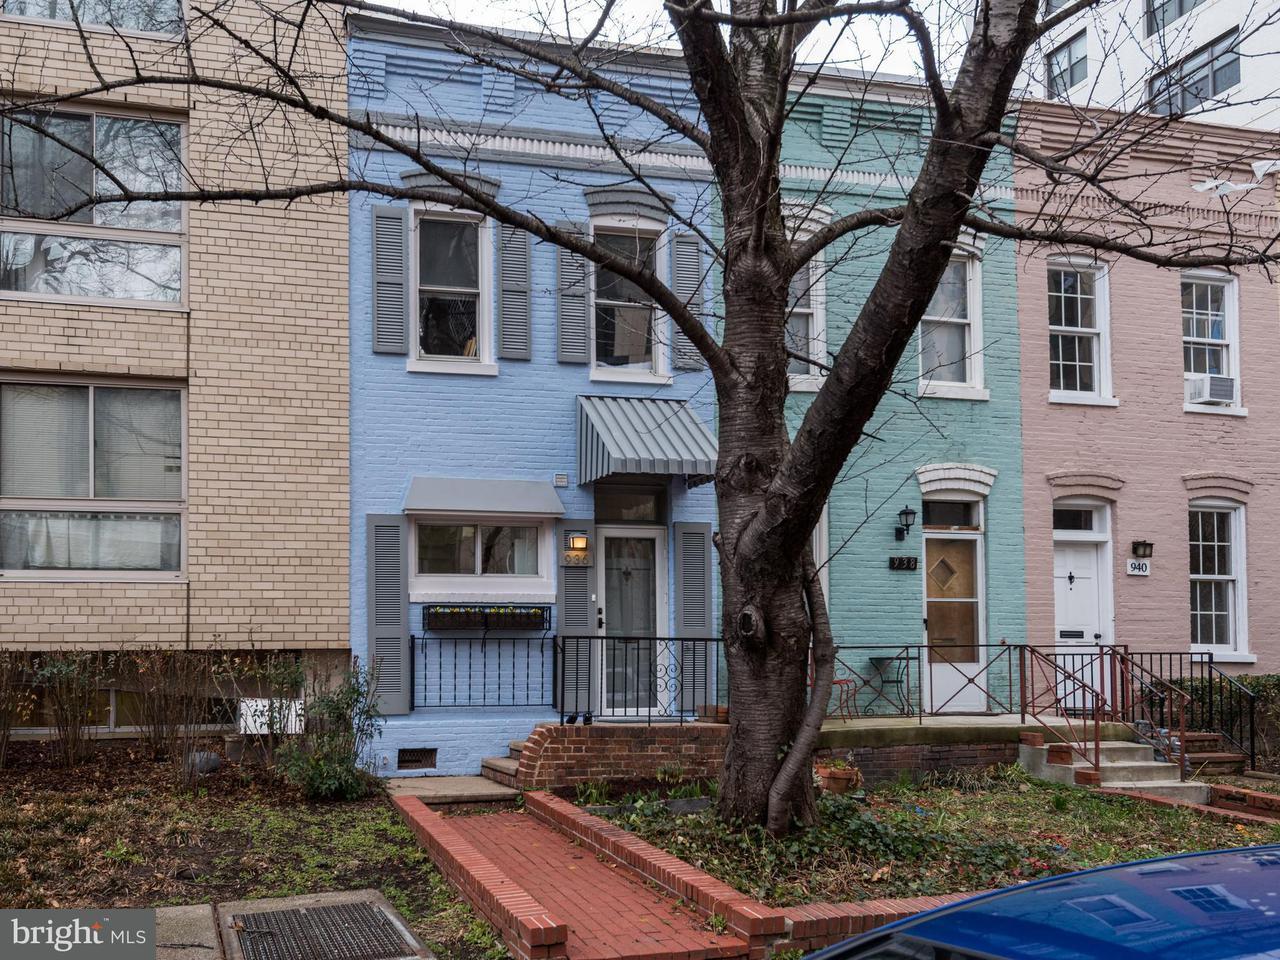 Частный односемейный дом для того Продажа на 936 24th St Nw 936 24th St Nw Washington, Округ Колумбия 20037 Соединенные Штаты